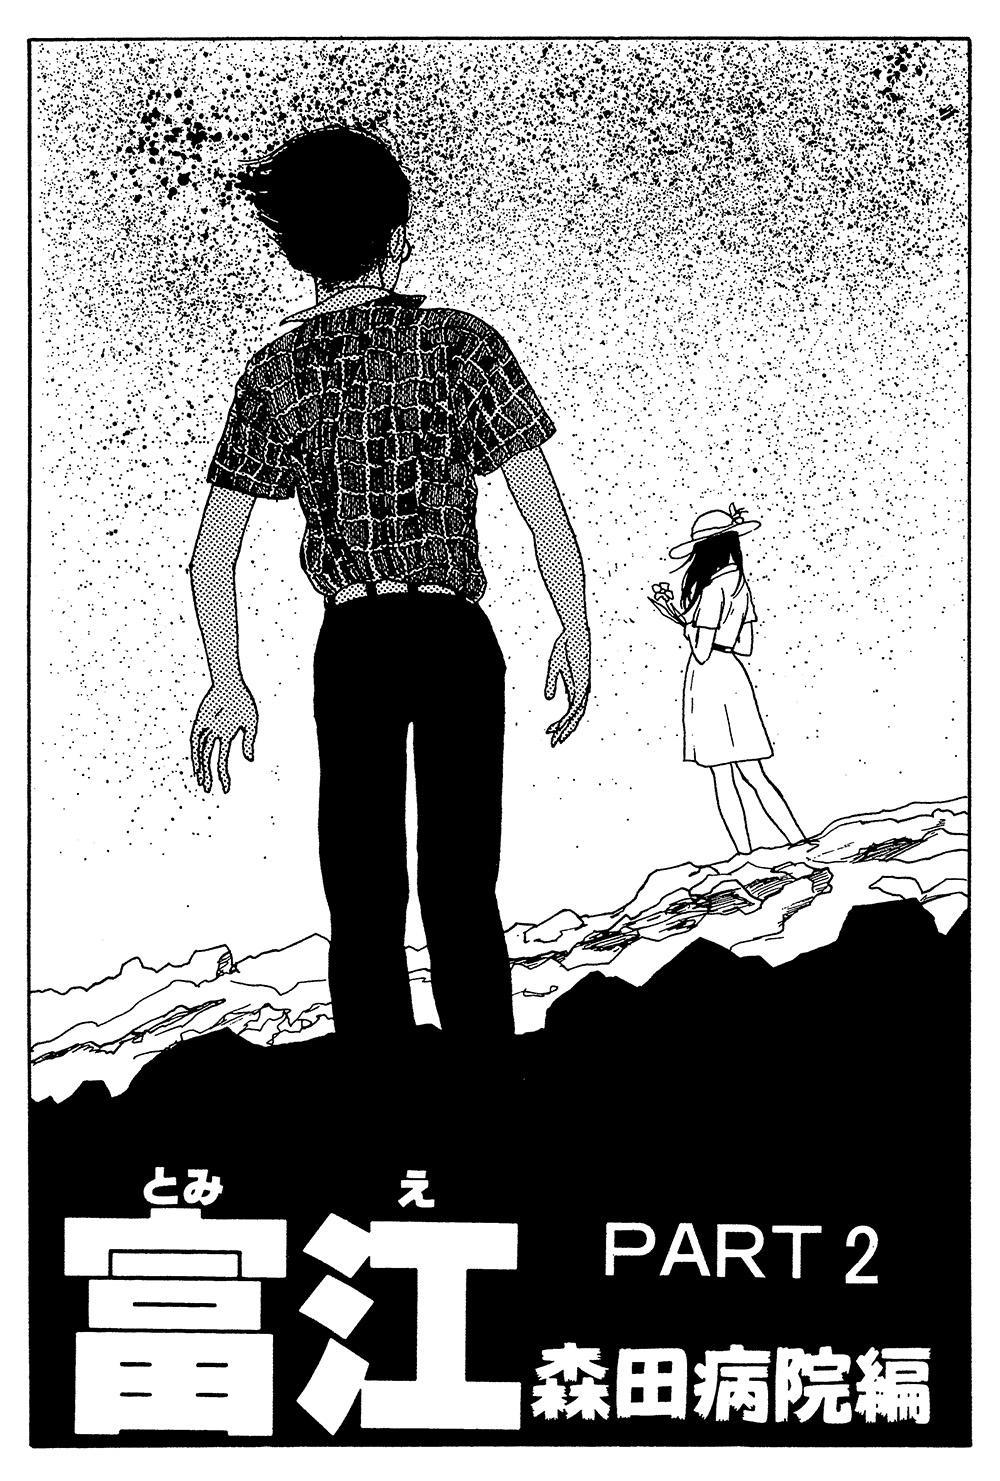 伊藤潤二傑作集 第2話「富江 森田病院編」①itouj_0001_0035.jpg